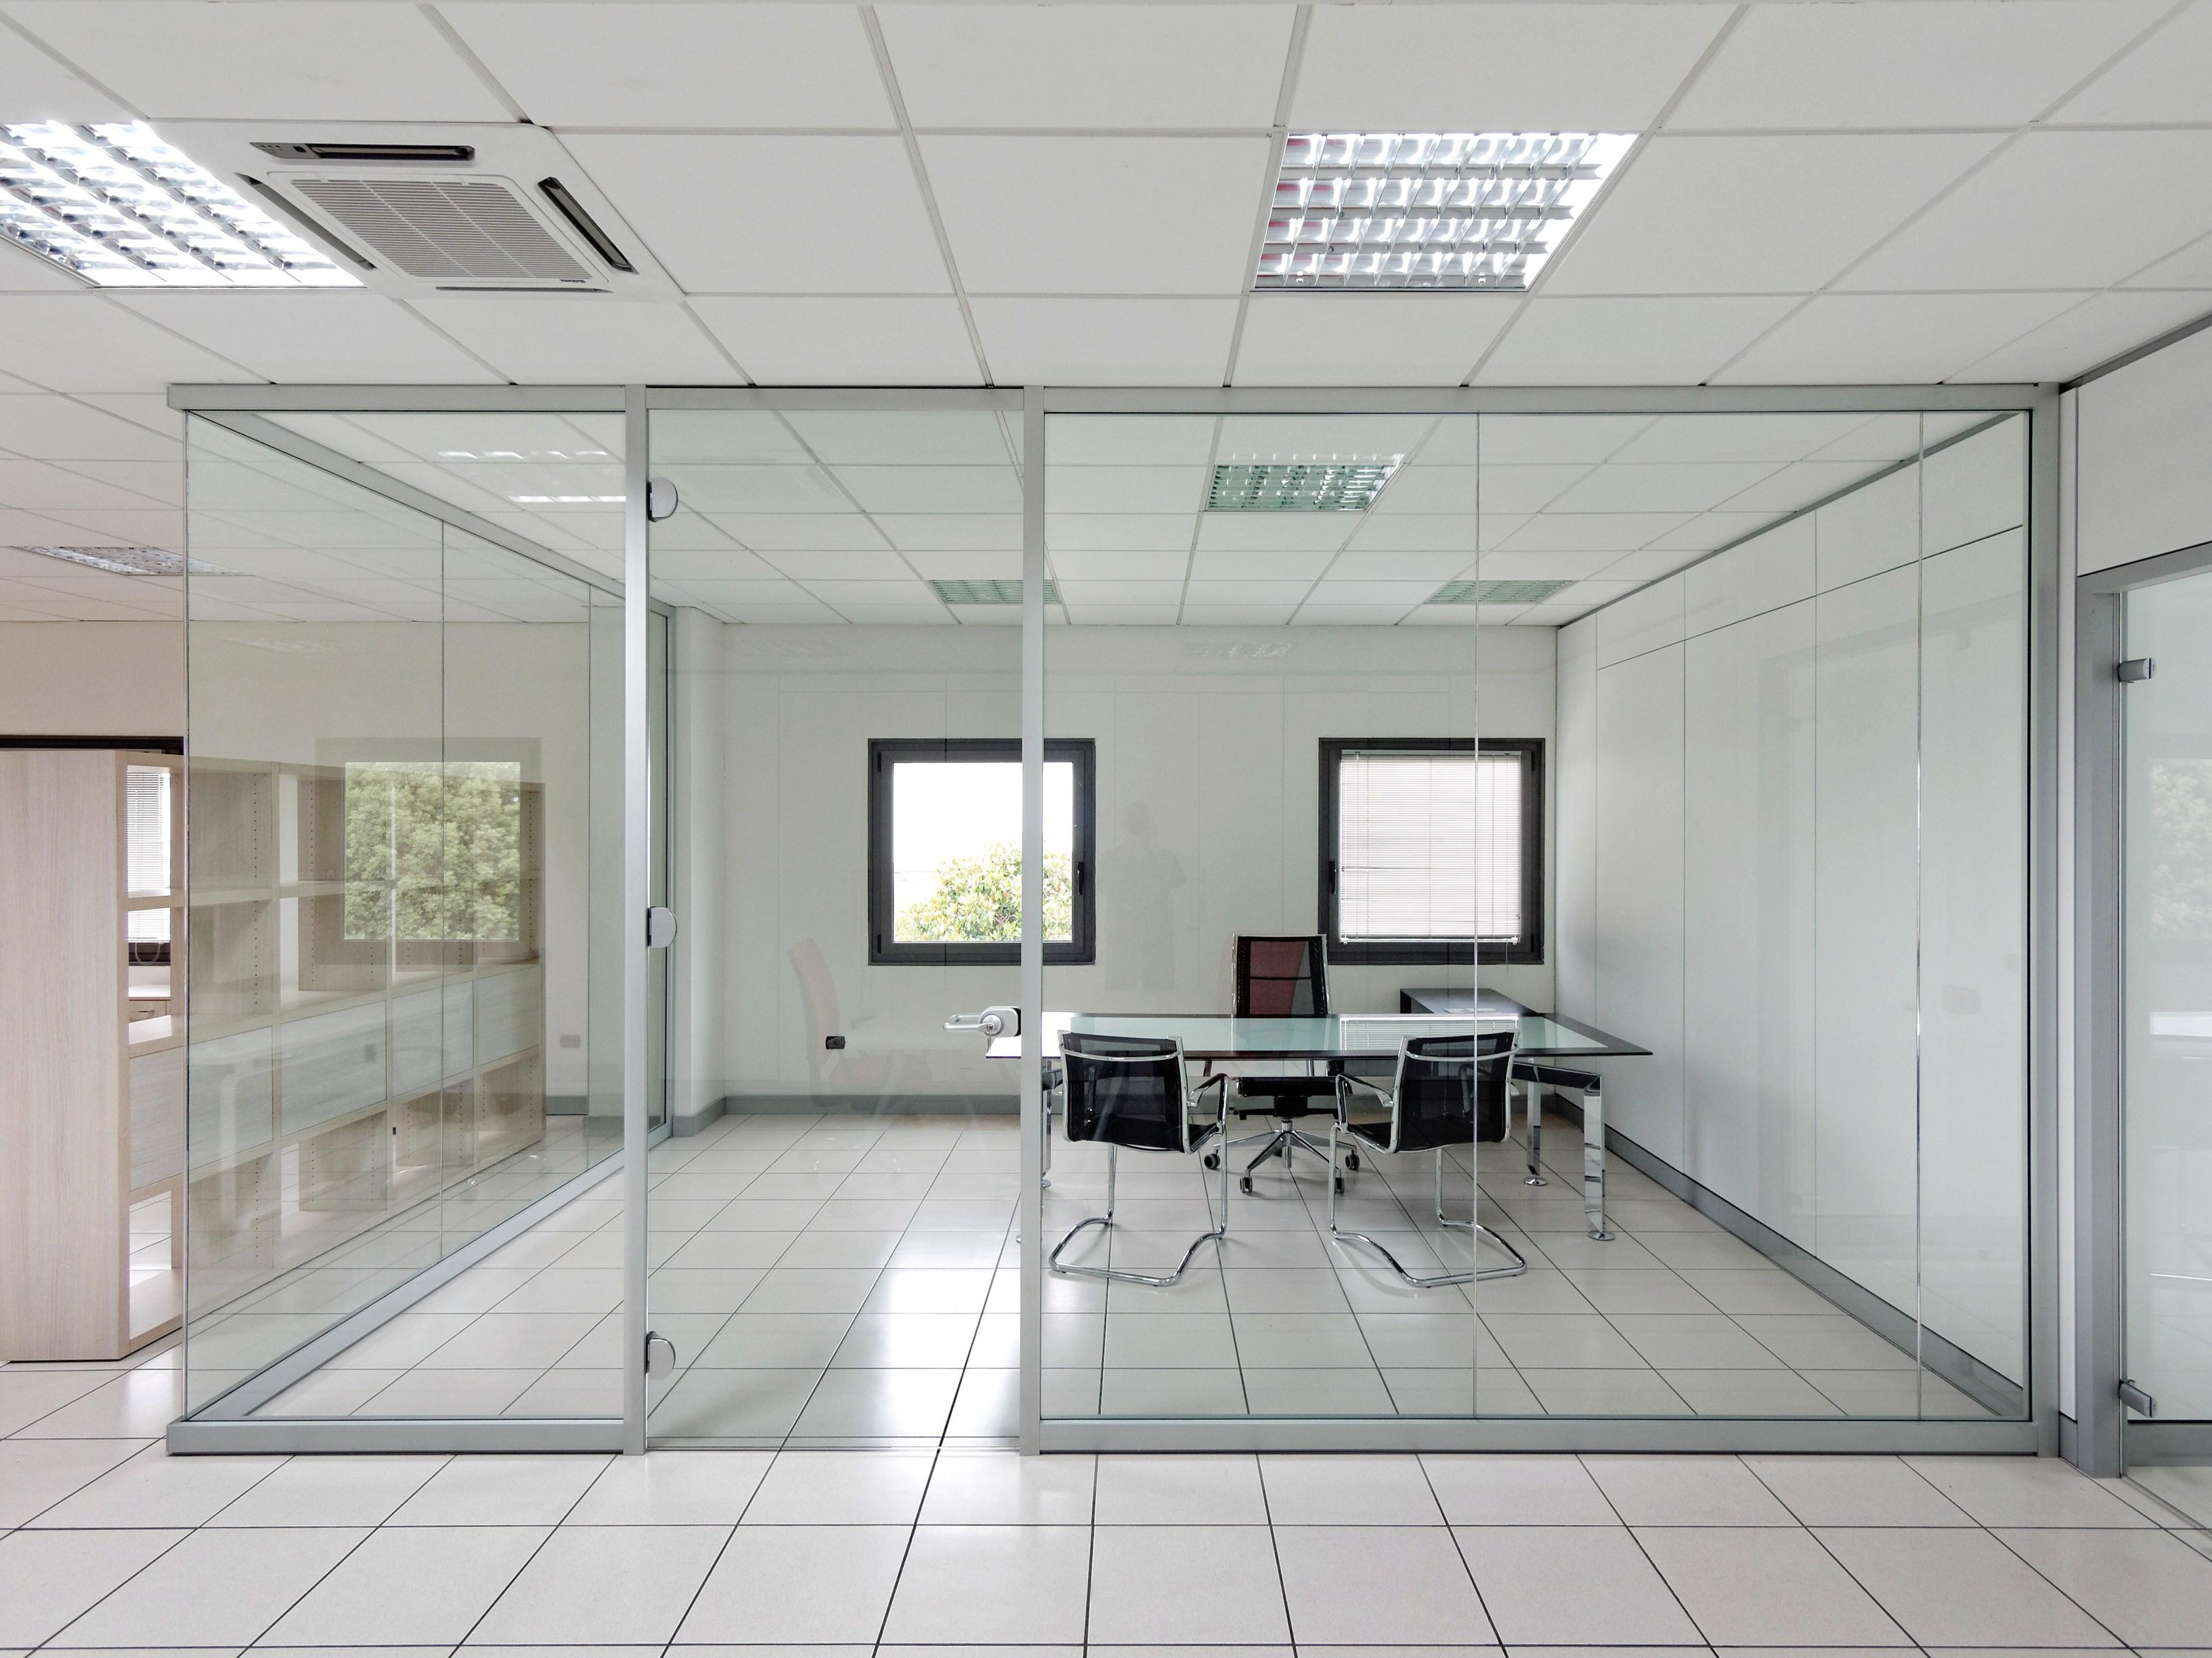 Cristaleriabcn cristaleros y carpinteria de aluminio en barcelona - Oficina empleo barcelona ...